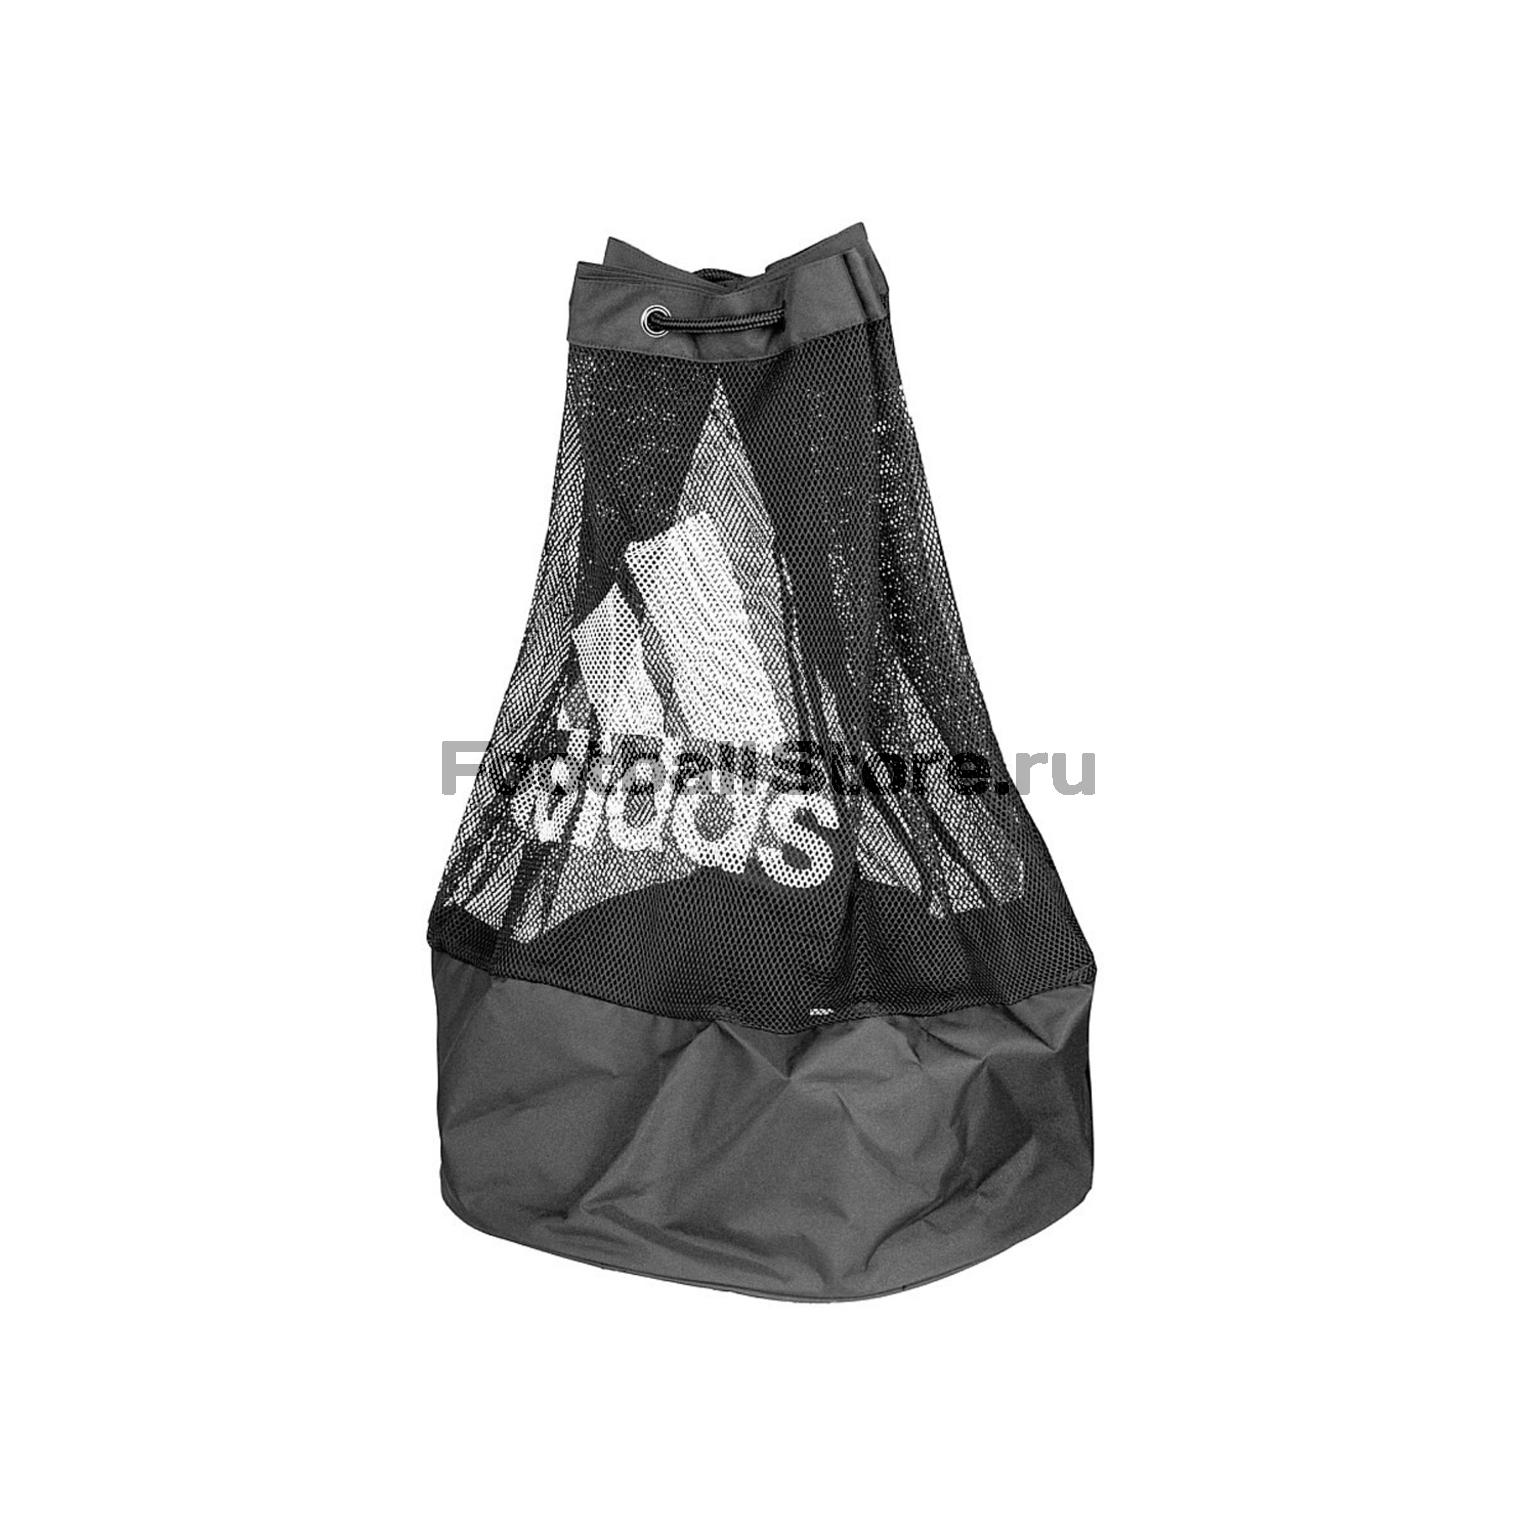 Сумка для мячей Adidas Ballnet E44309 сумка для мячей adidas